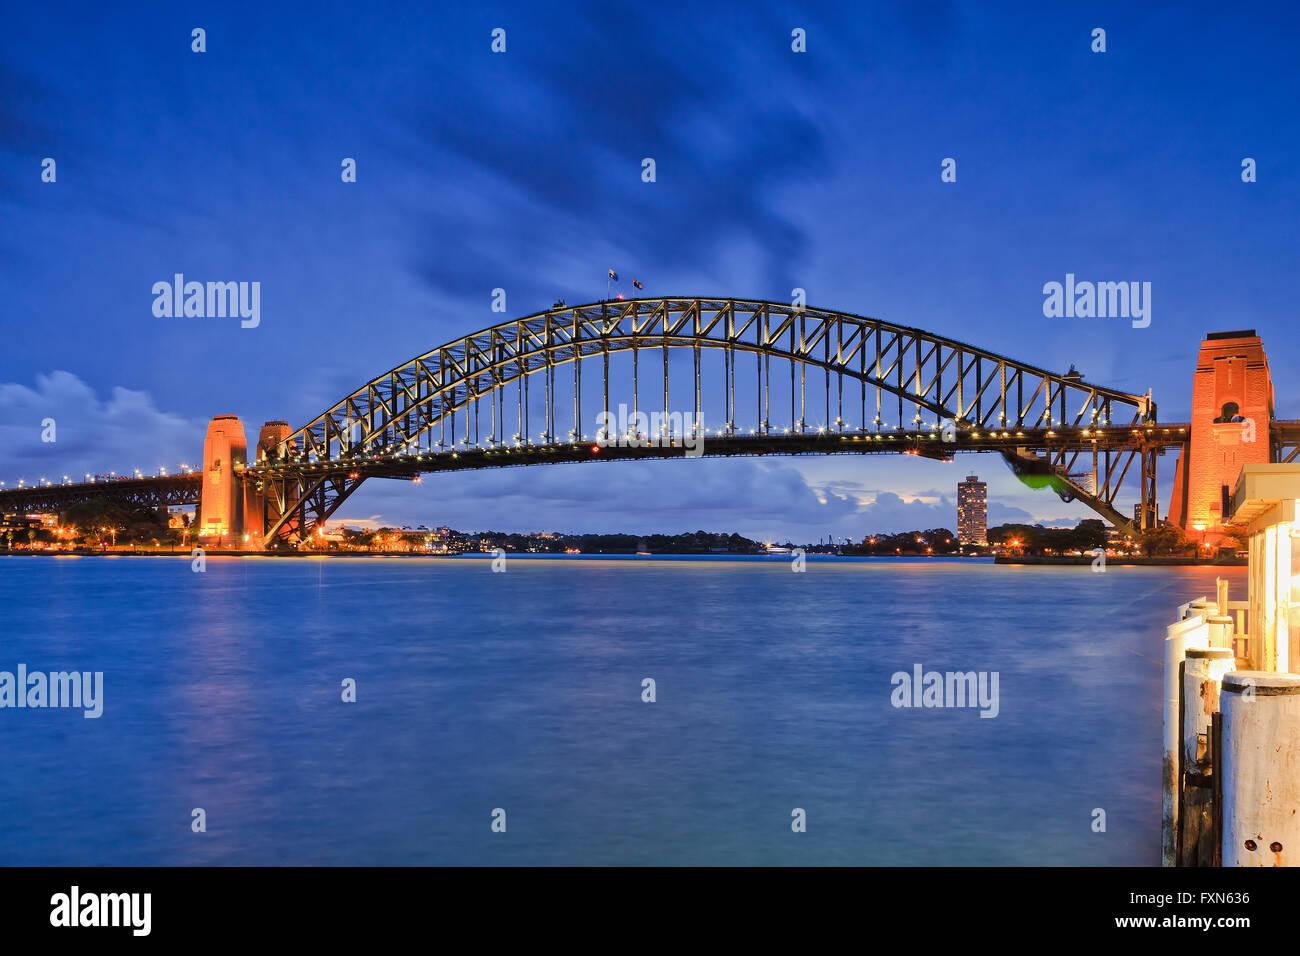 Vista laterale del Ponte del Porto di Sydney contro blu acqua e cielo sunsettign con illuminazione completa di arco Immagini Stock